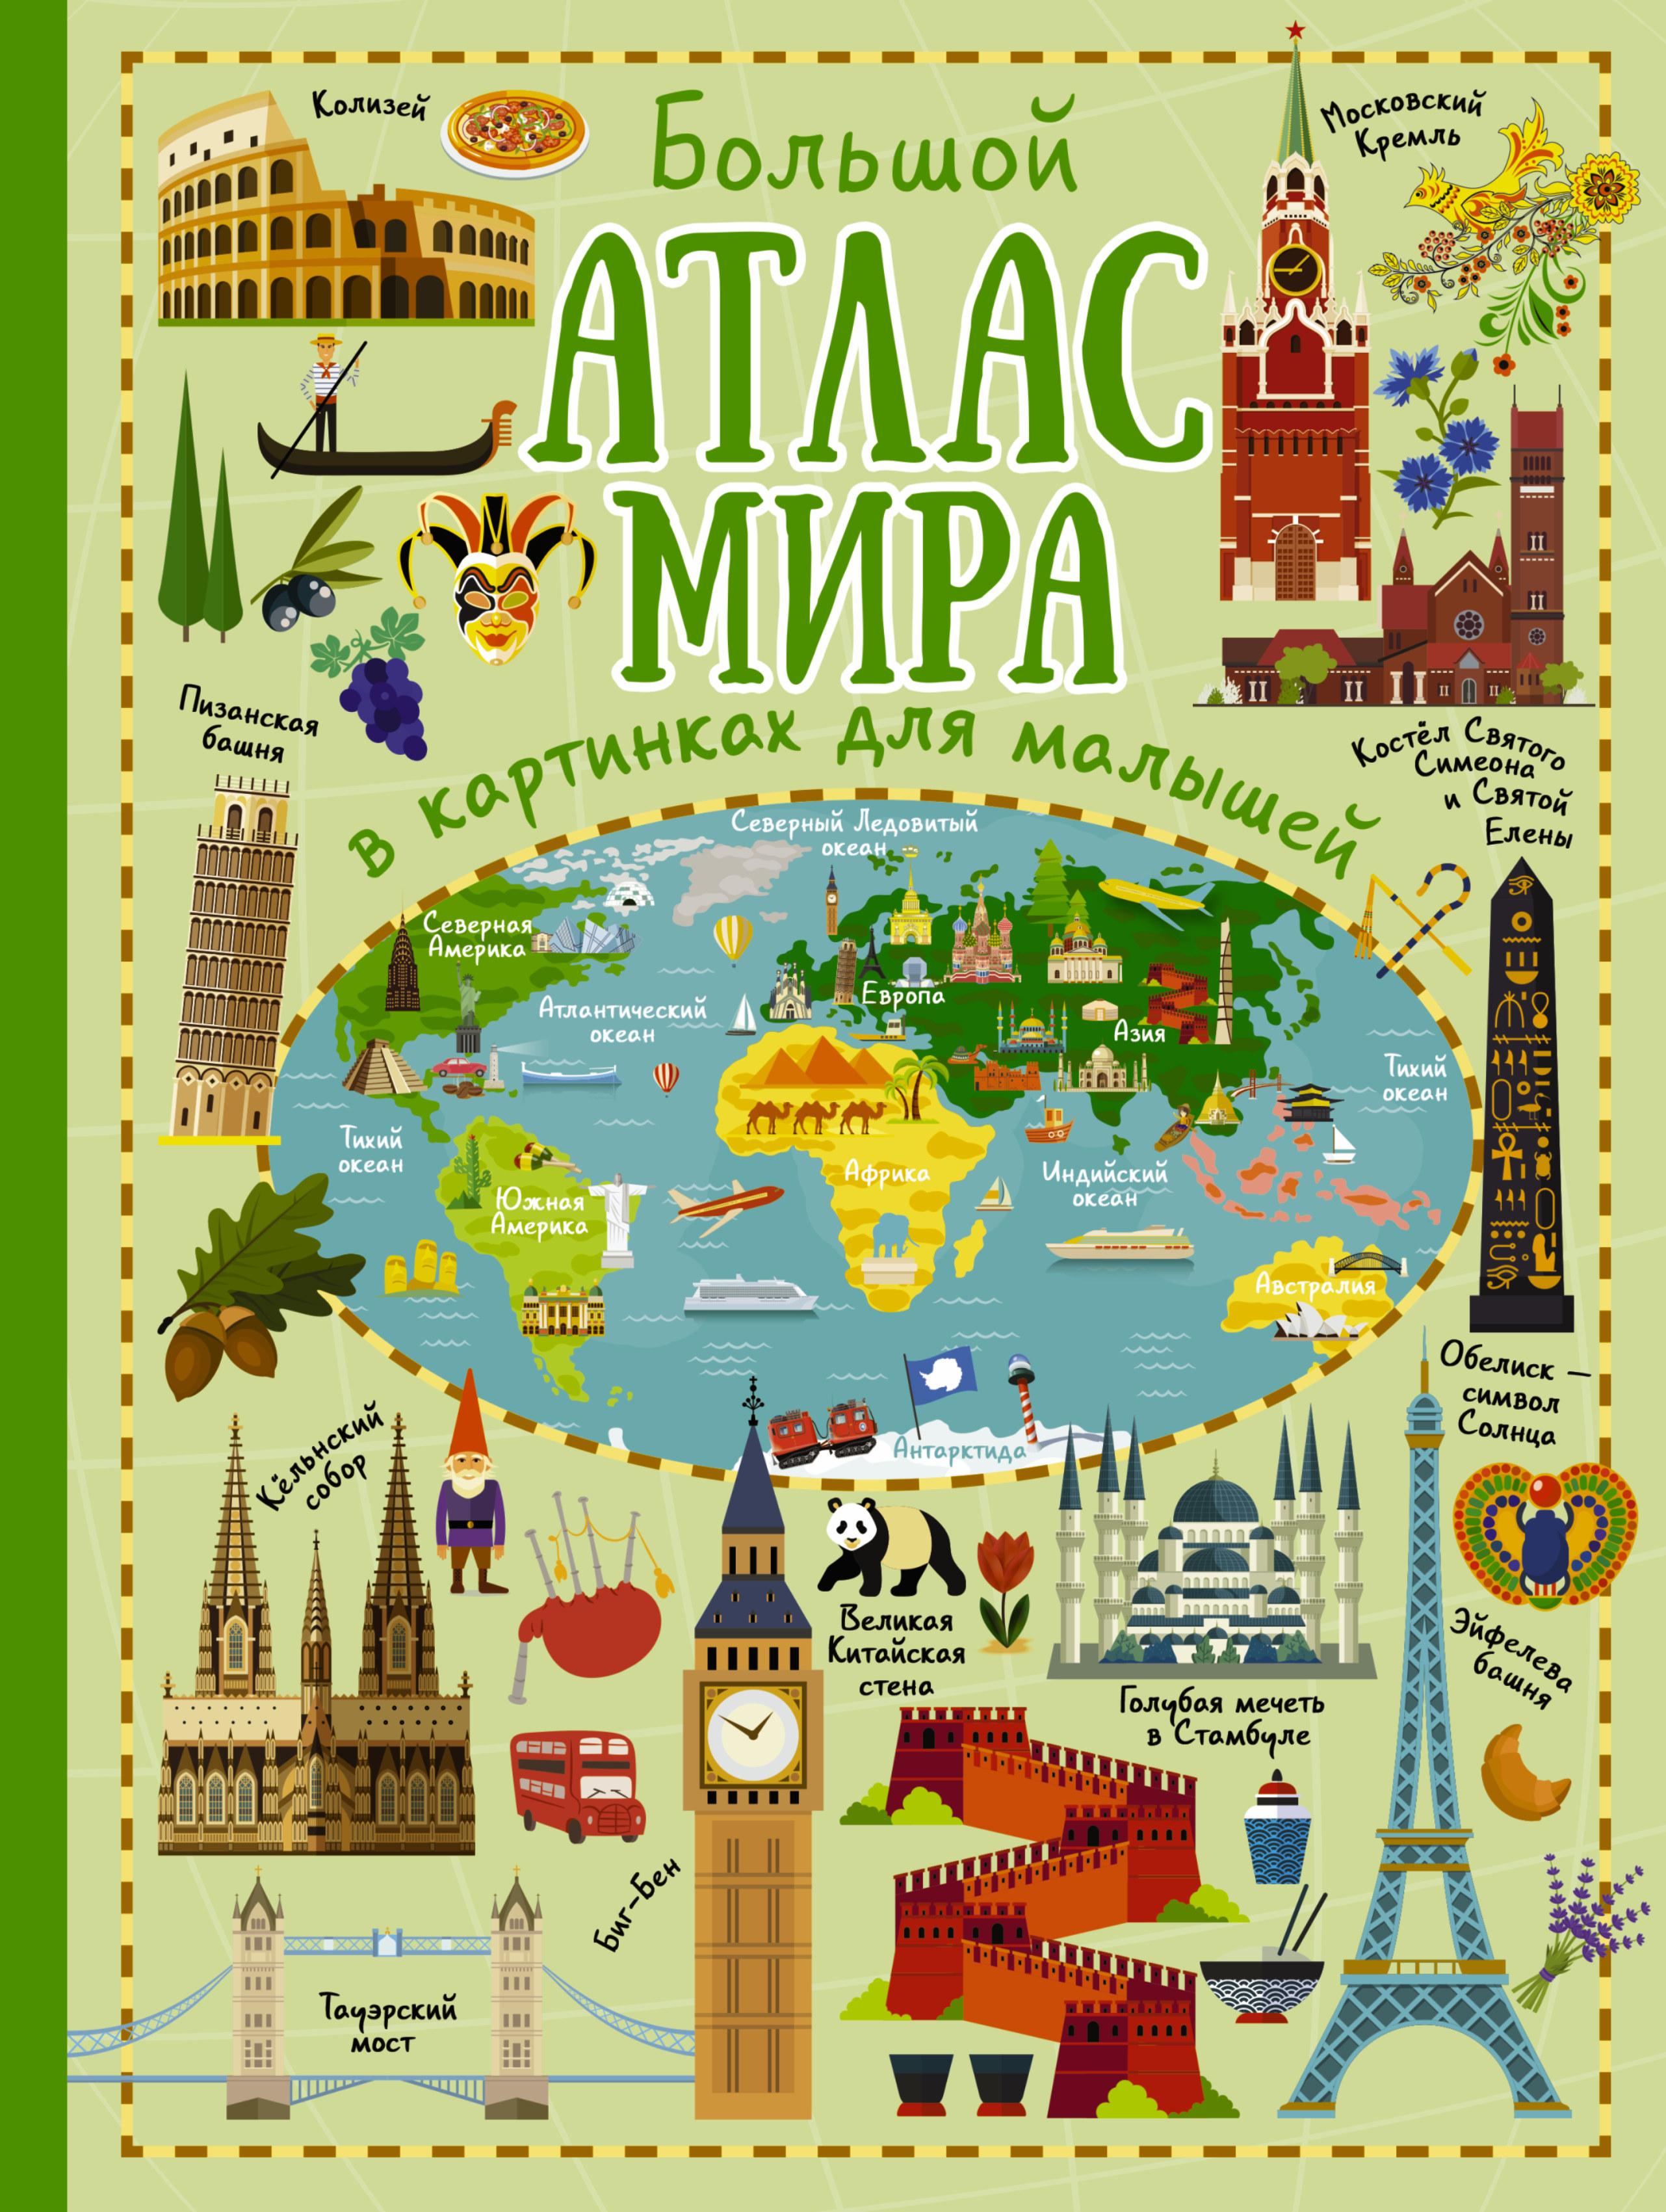 Дорошенко Ю.И. Большой атлас мира в картинках для малышей барсотти и большой атлас мира для детей